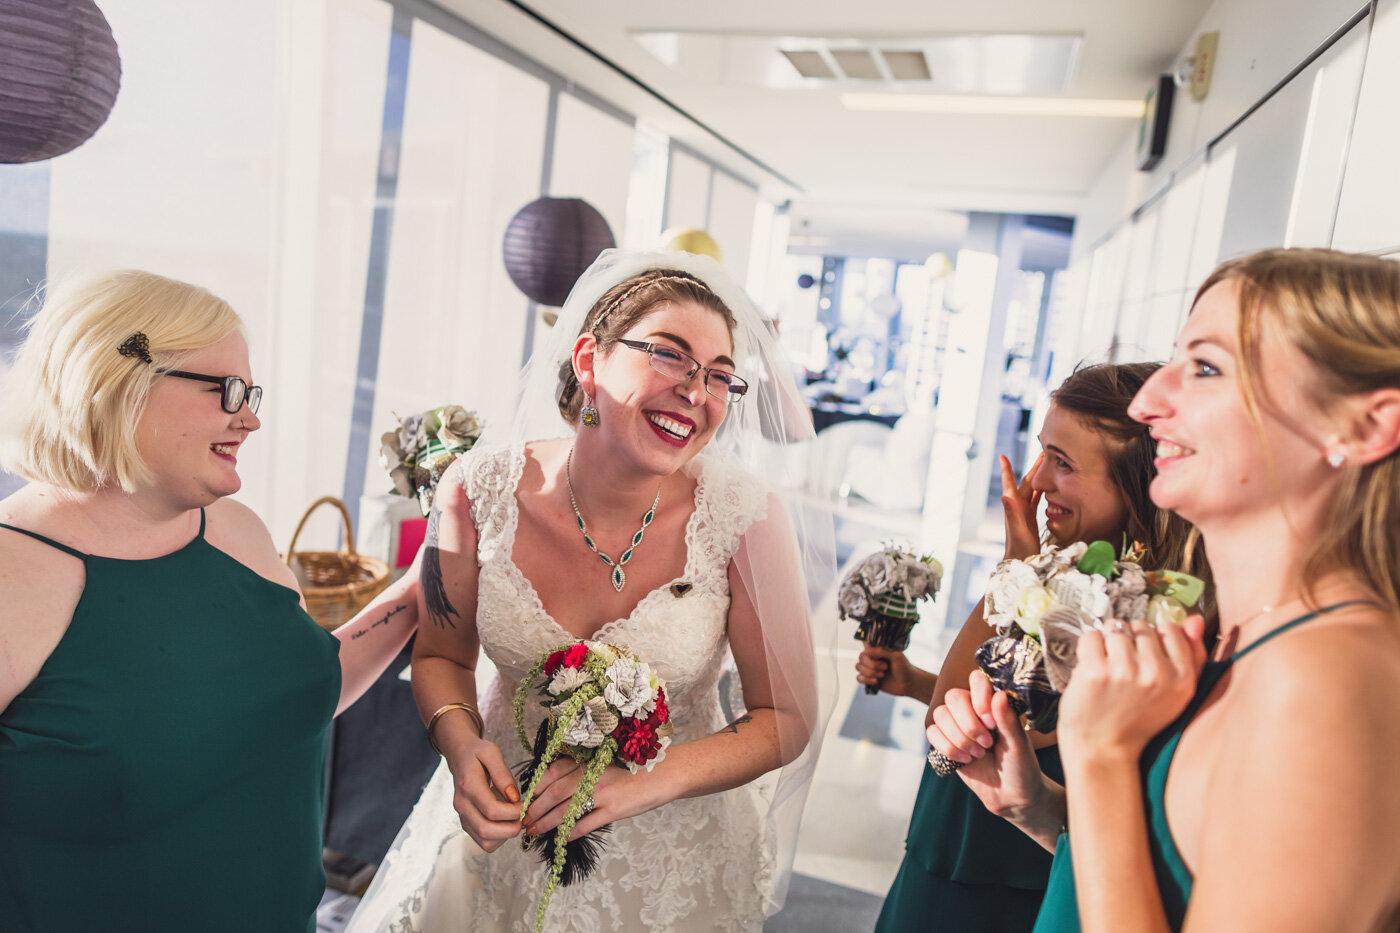 happy-bride-celebrates-with-bridesmaids